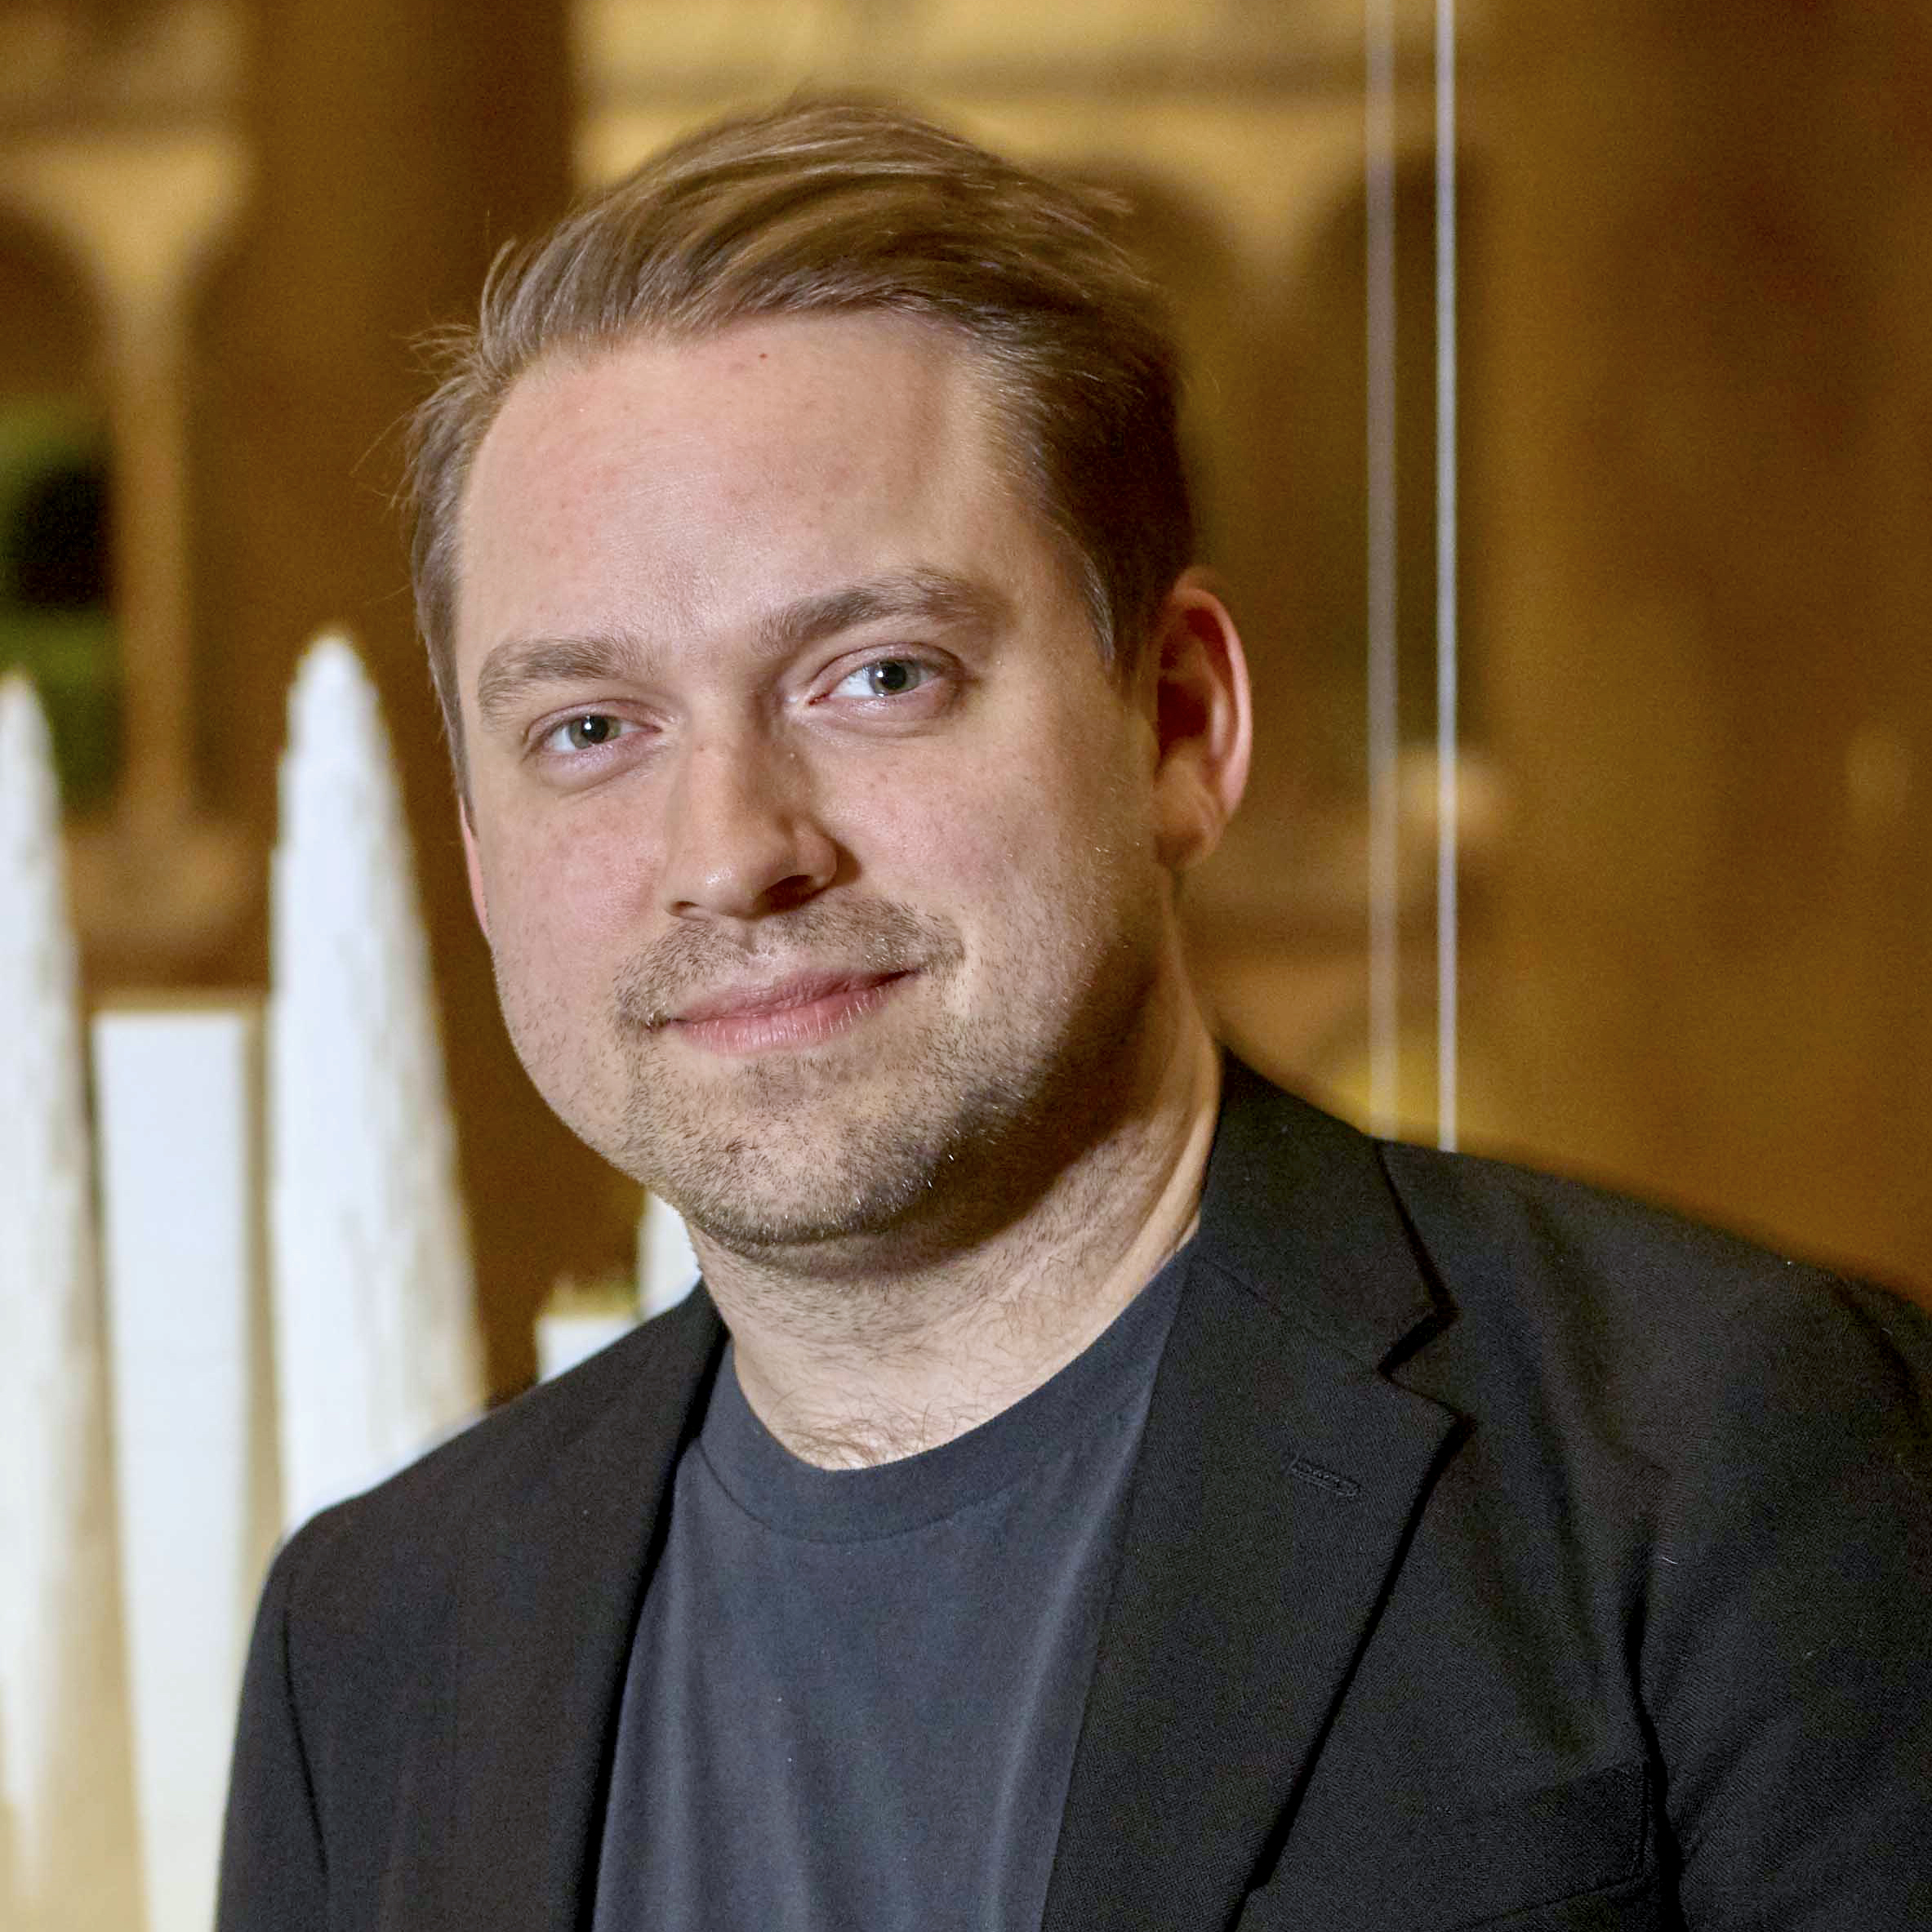 Daniel Sundlin